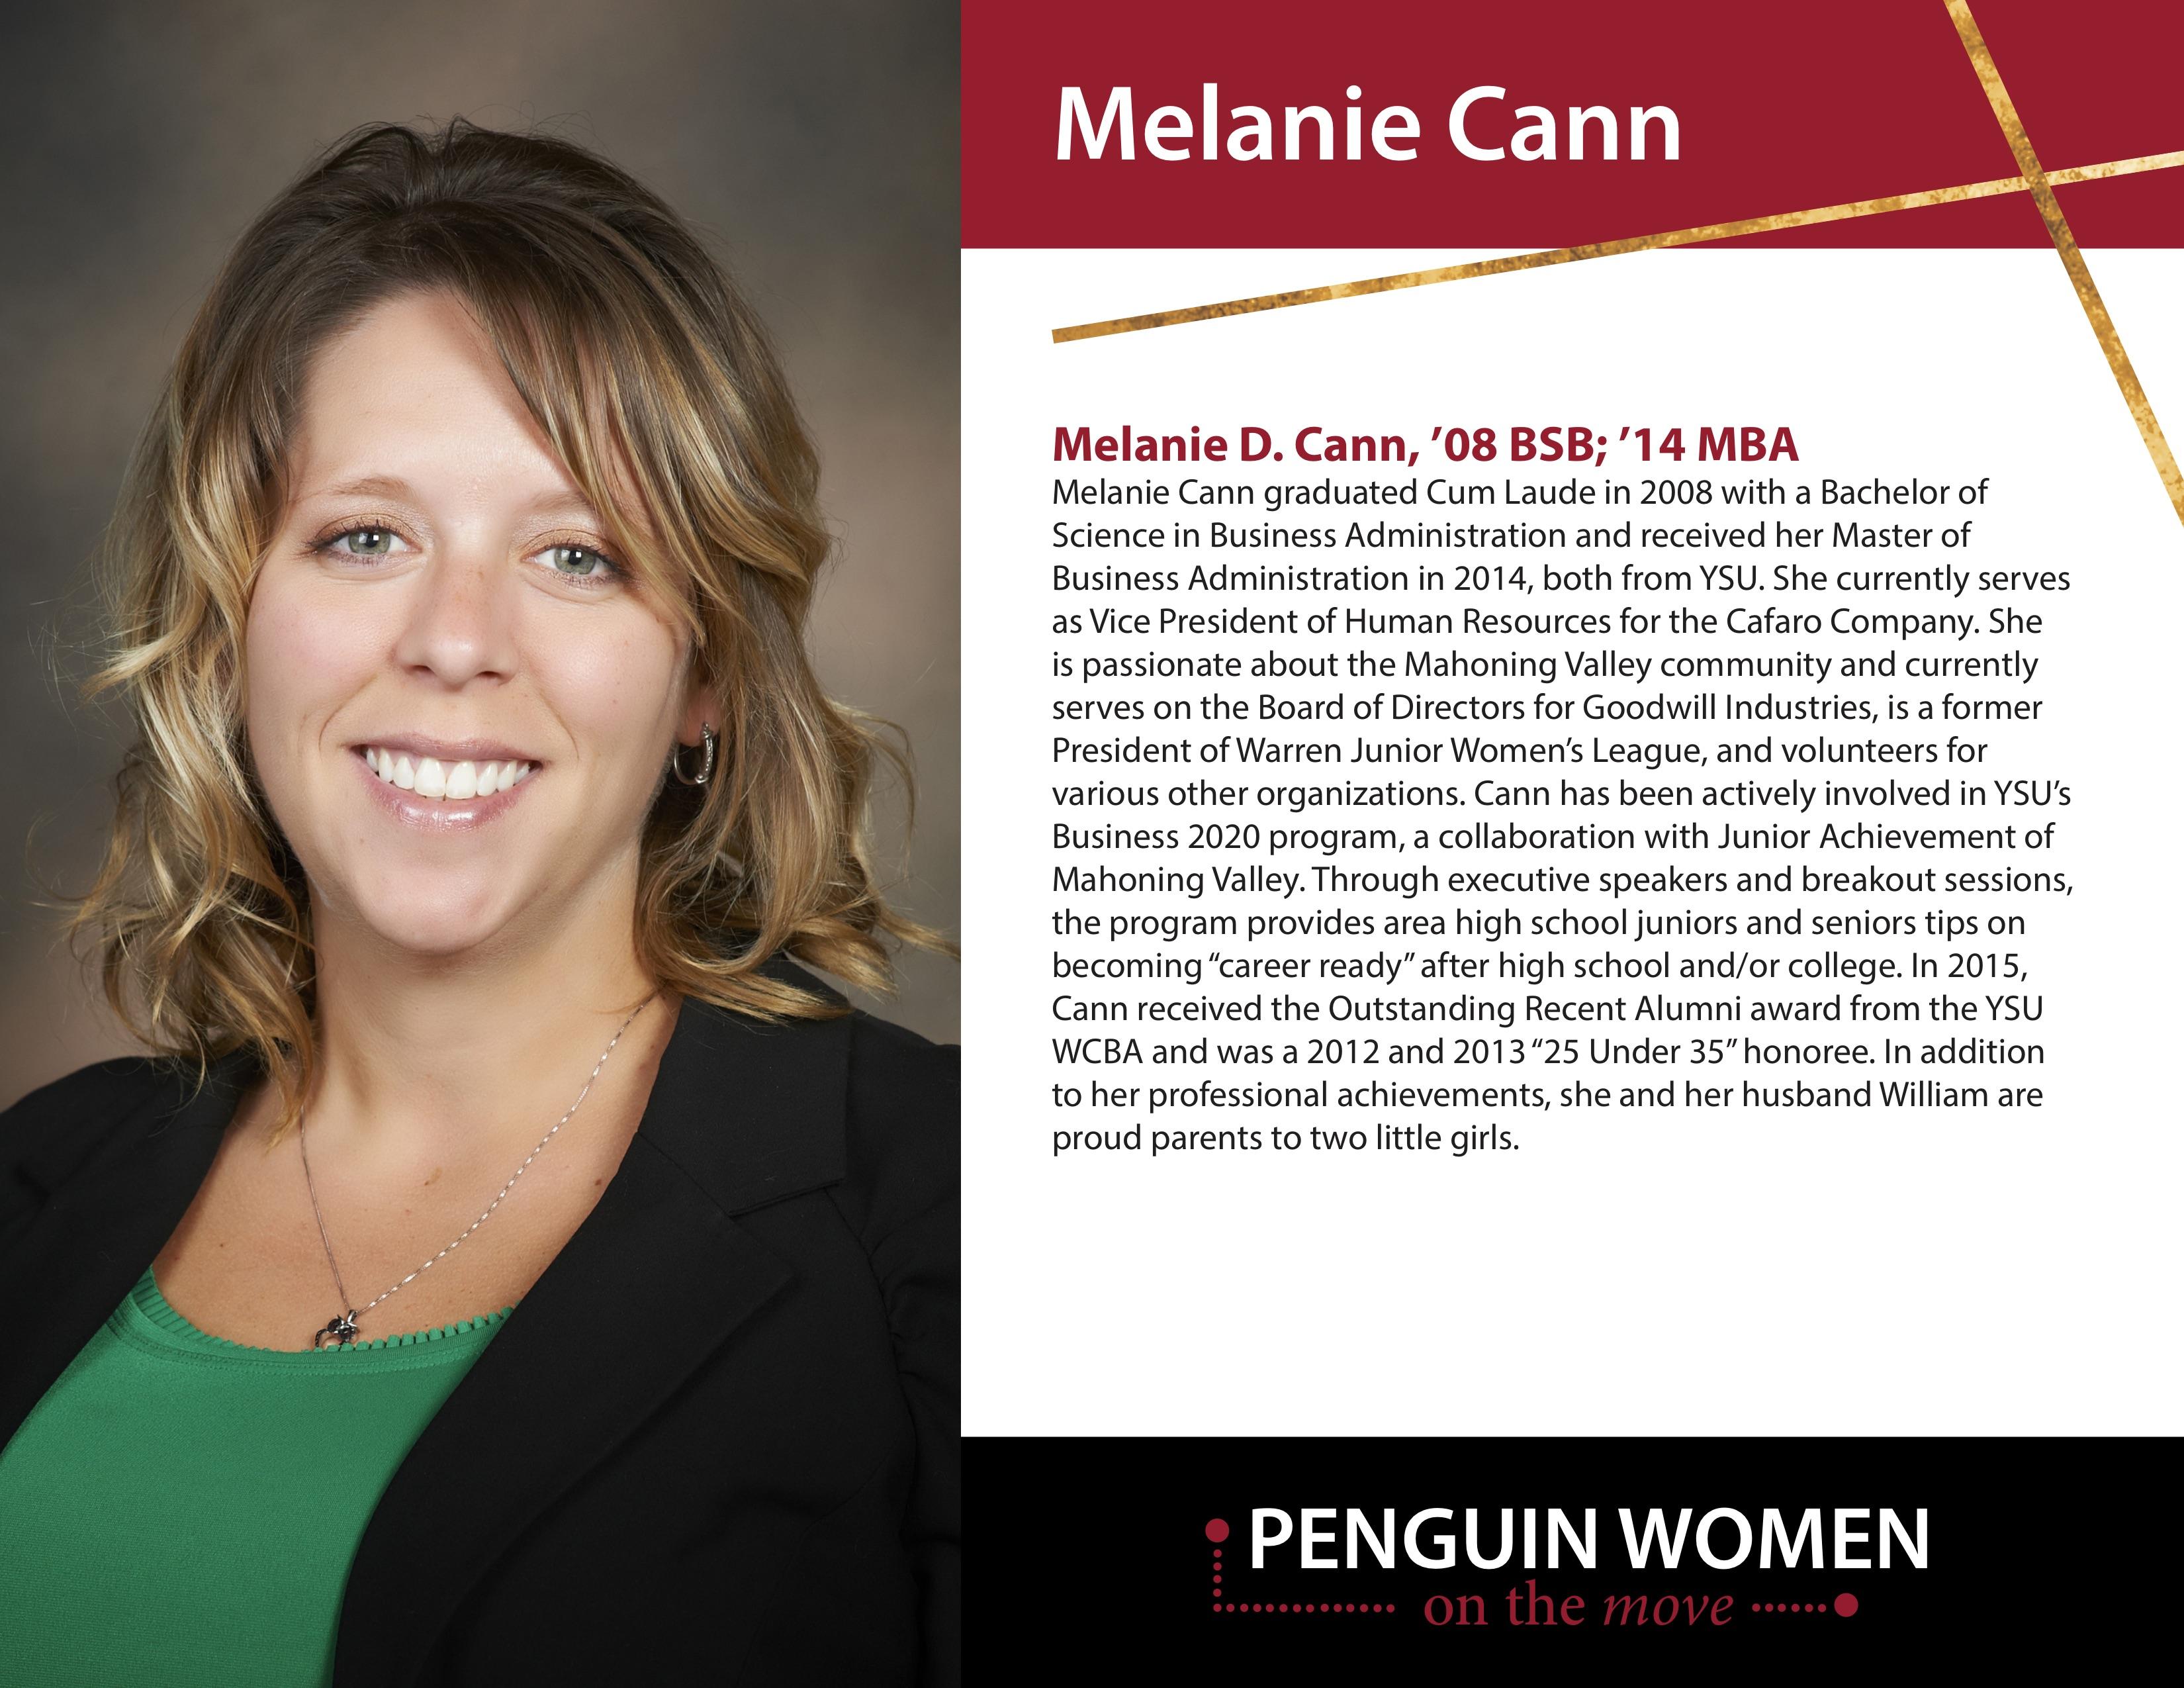 Melanie Cann